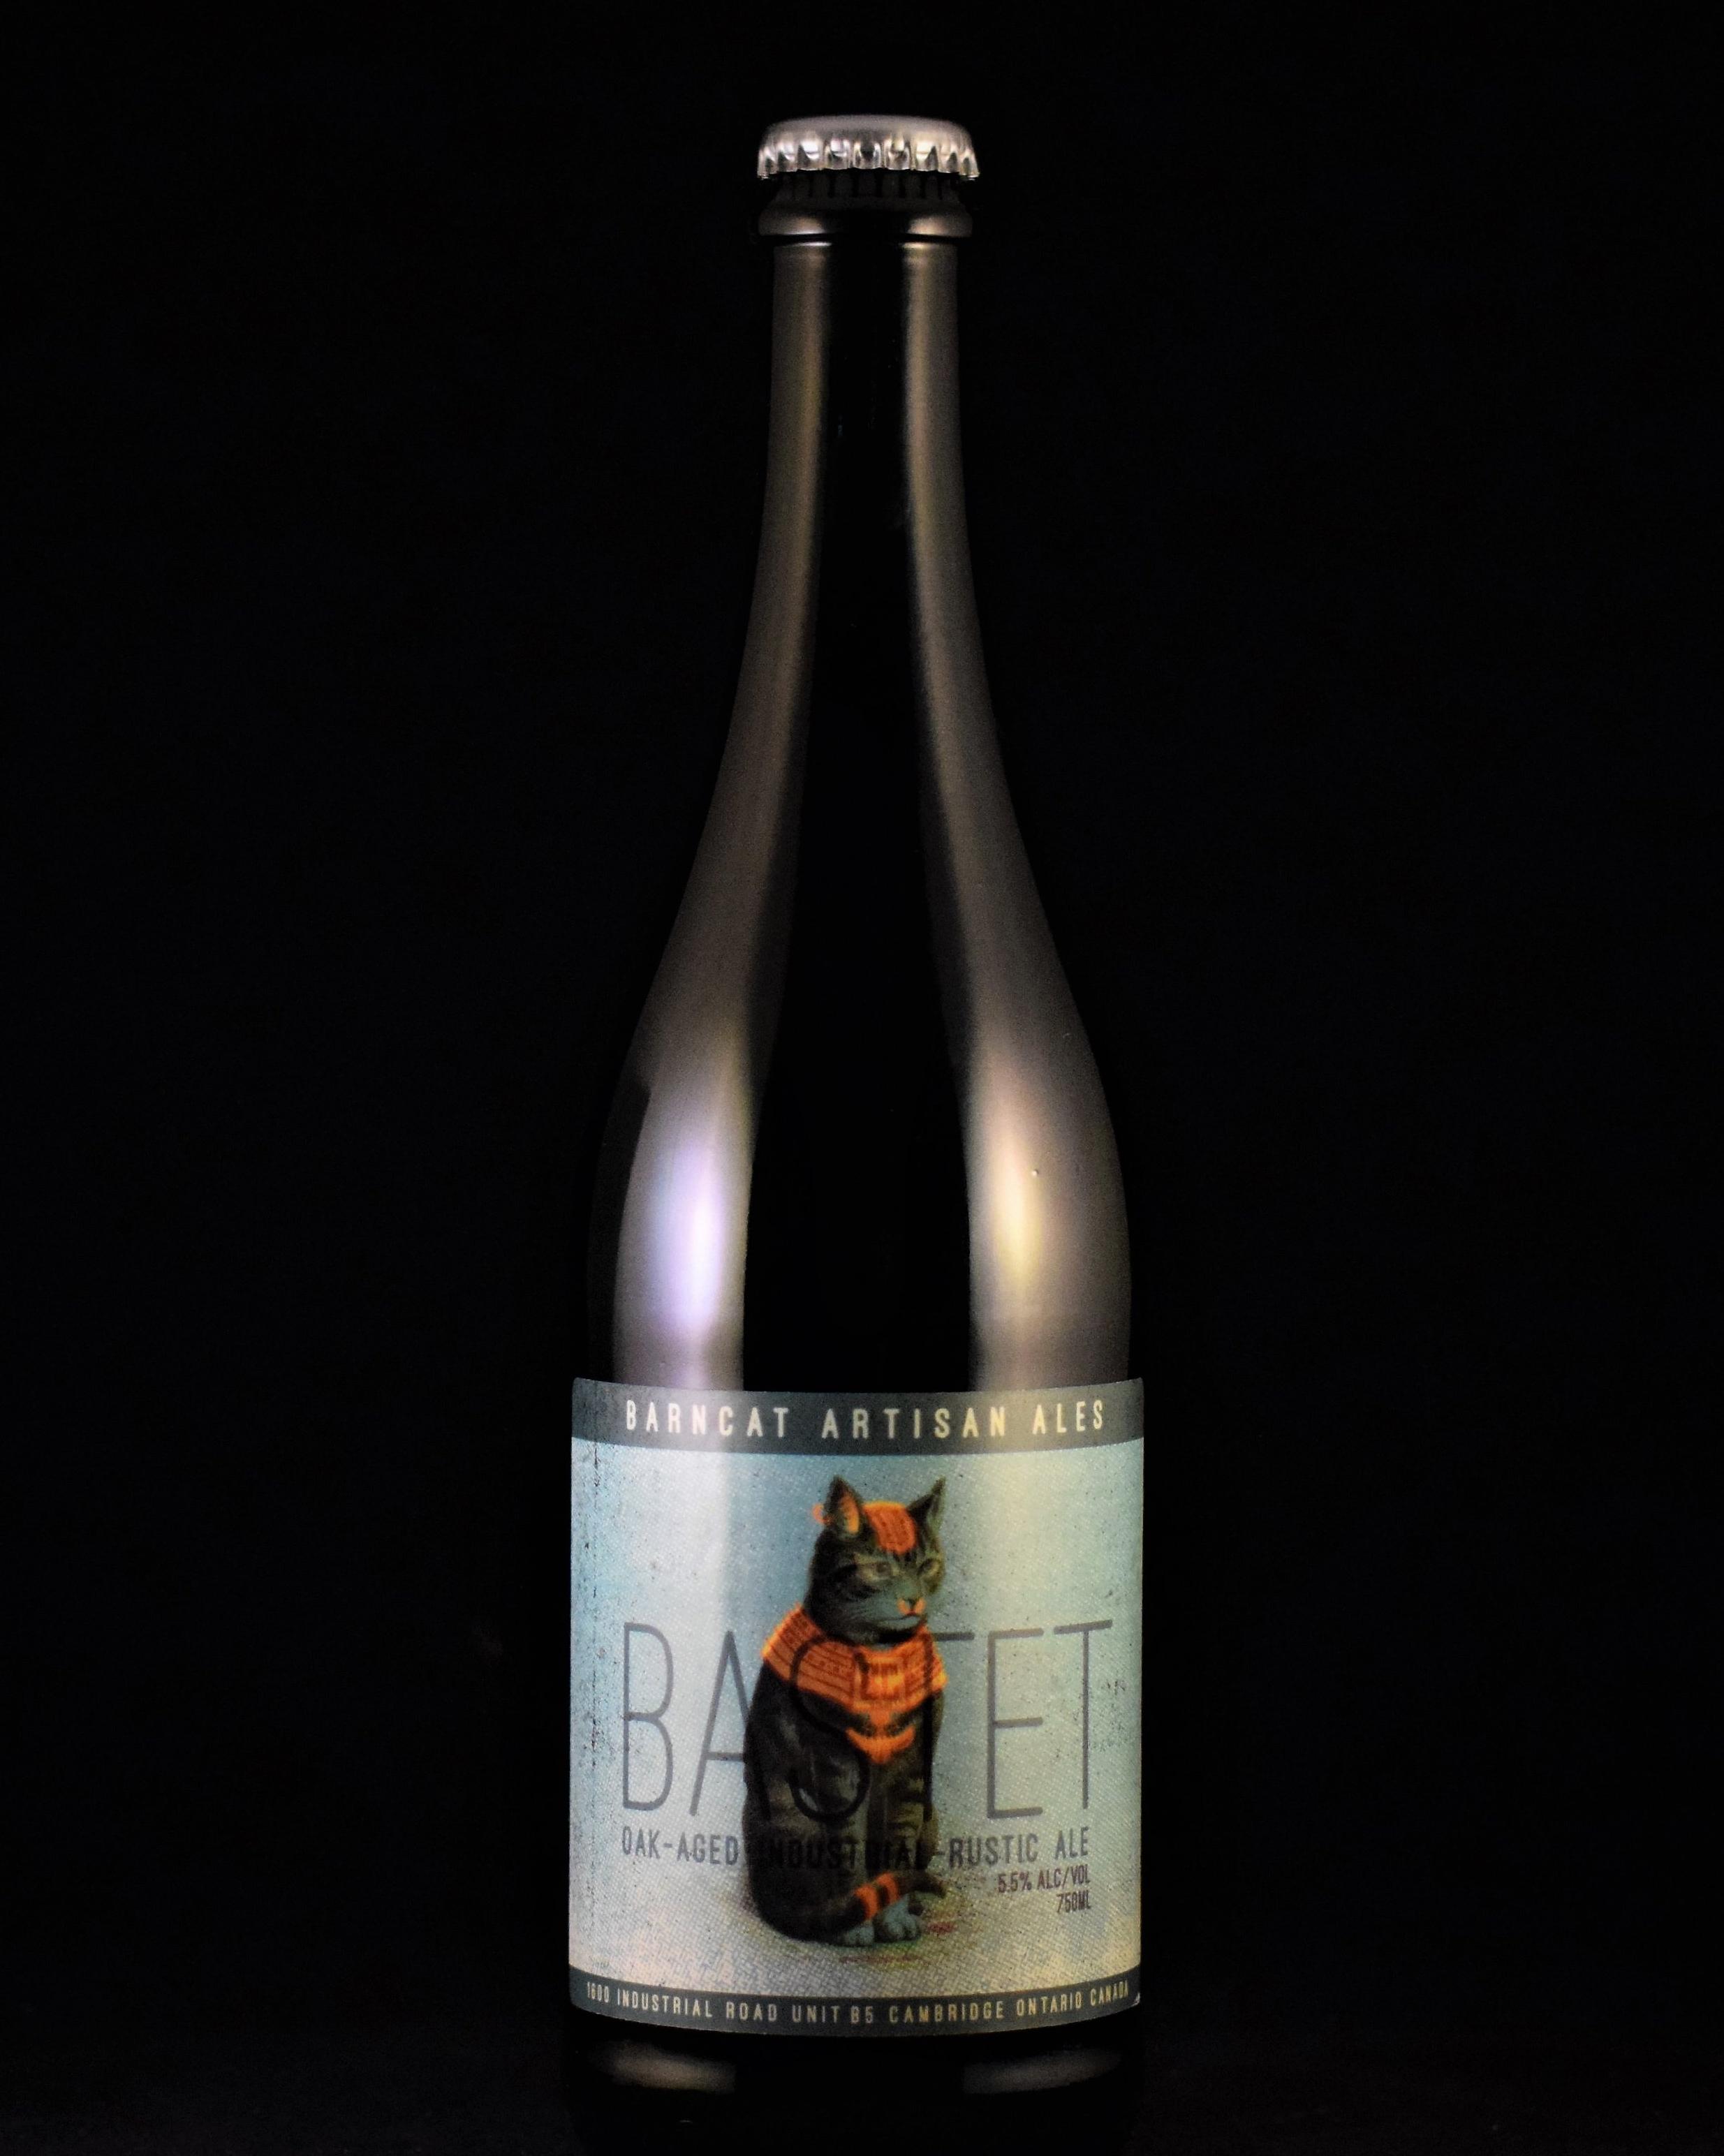 Barncat - Bastet